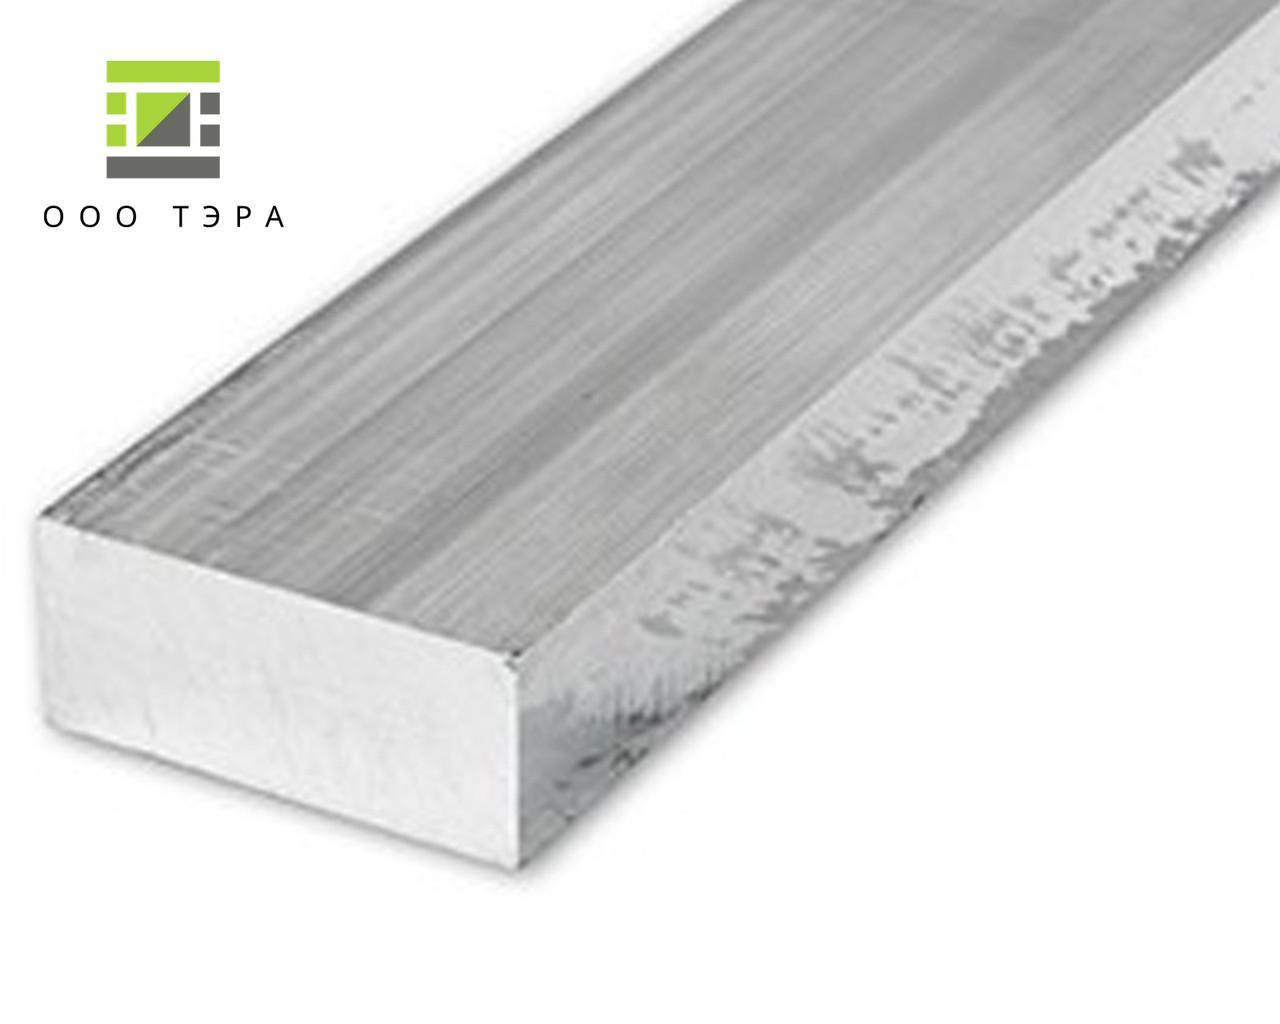 Алюминиевая полоса 100 мм 2017 Т4 дюралевый брусок, заготовка Д1Т